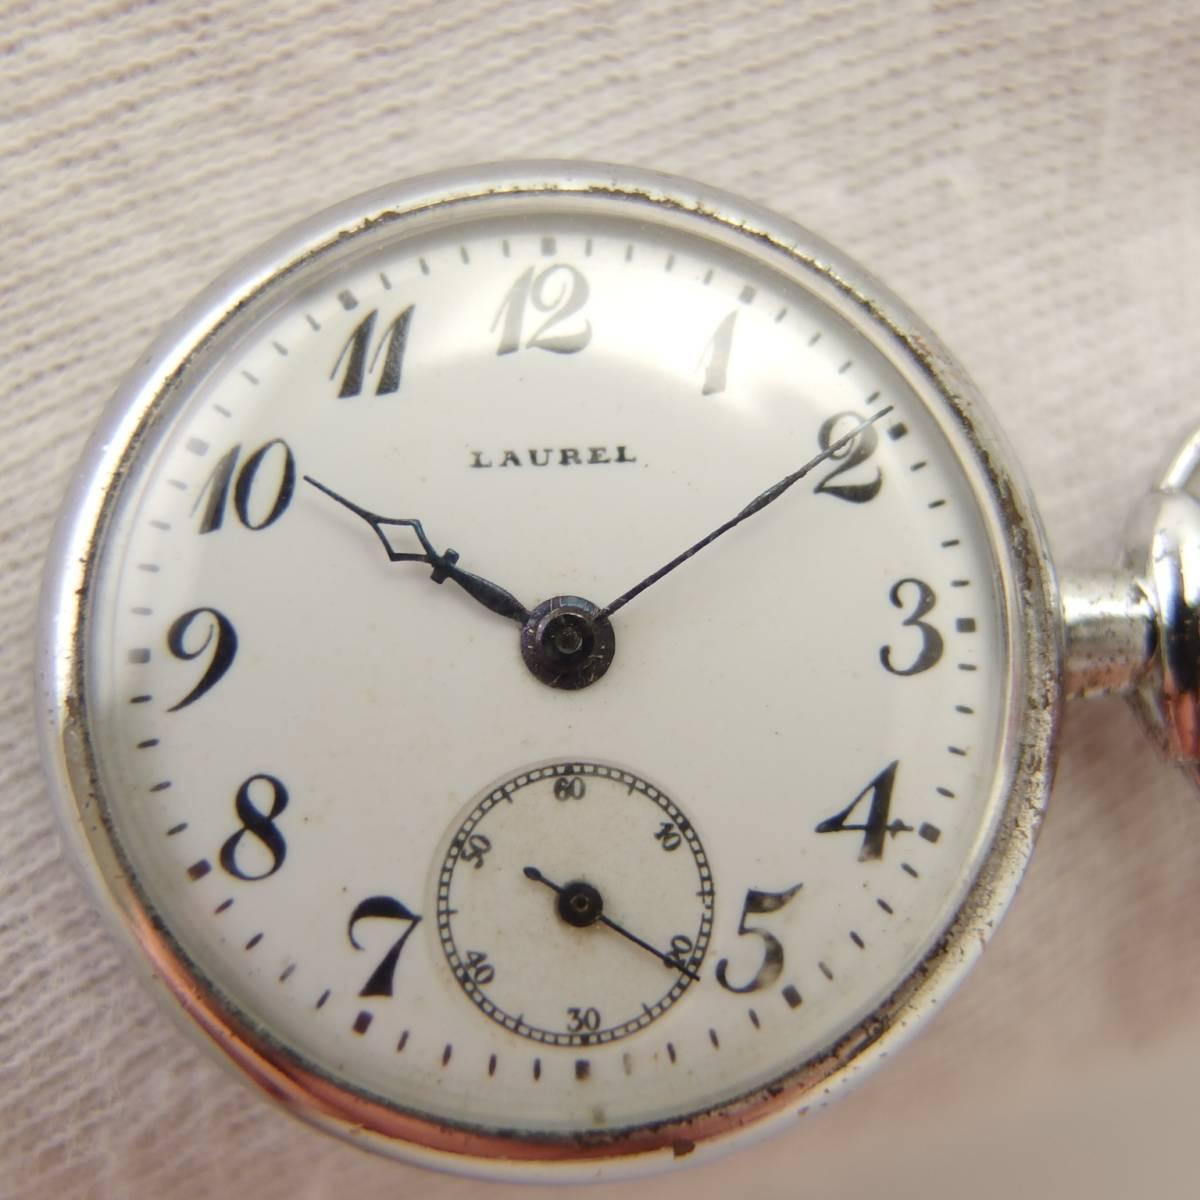 F532 セイコー ローレル SEIKO LAUREL ポケットウォッチ 懐中時計 機械式 白文字盤 3針